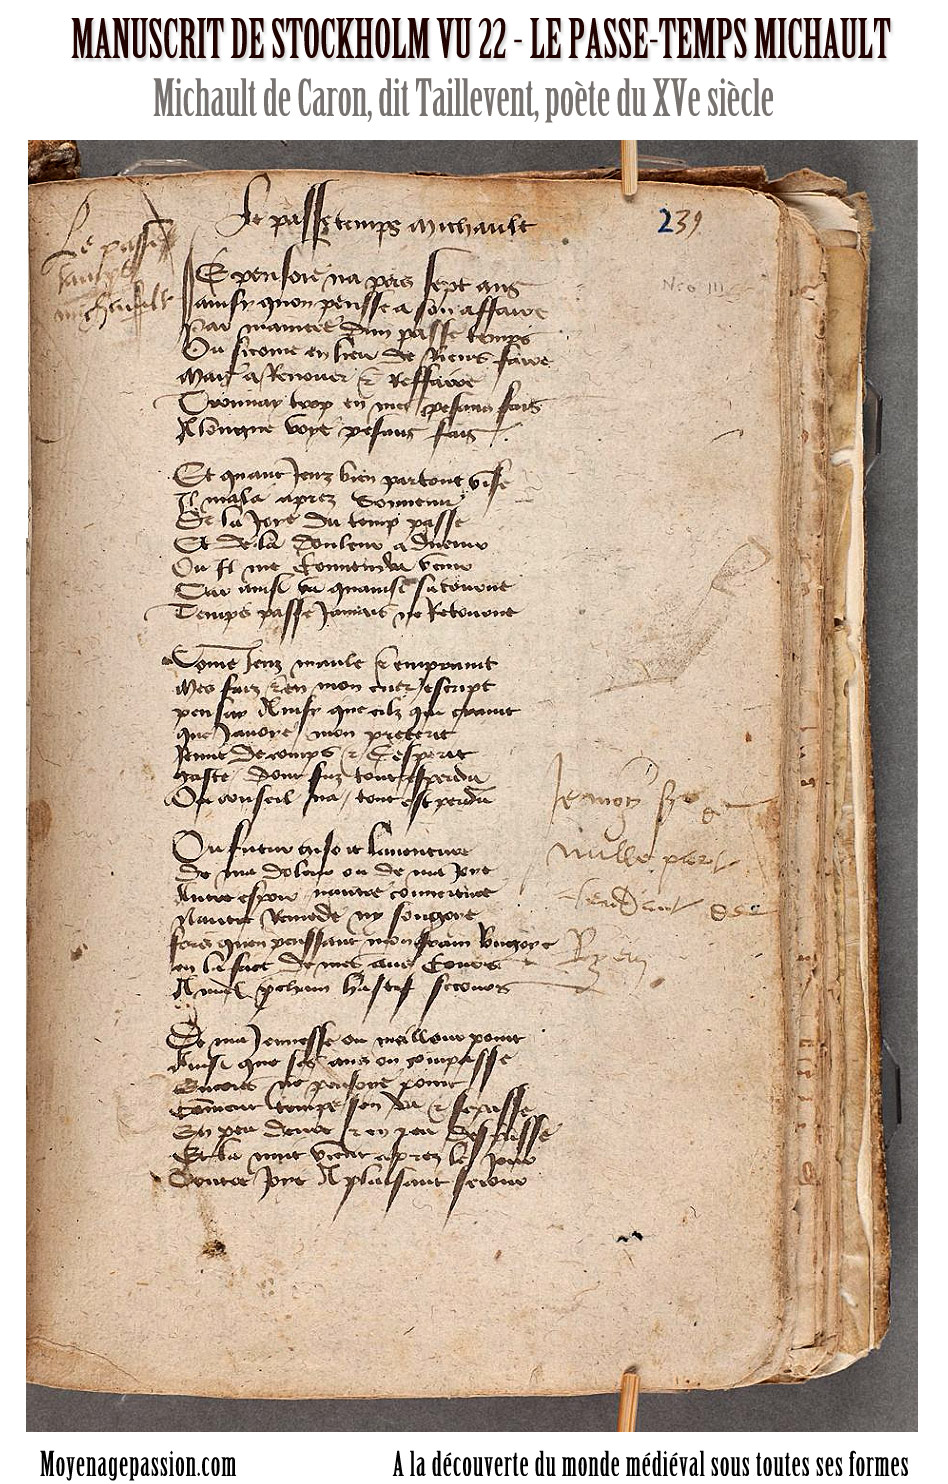 michault_caron_taillevent_poésie_medievale_moyen-age_tardif_manuscrit_ancien_stockholm_vu_22